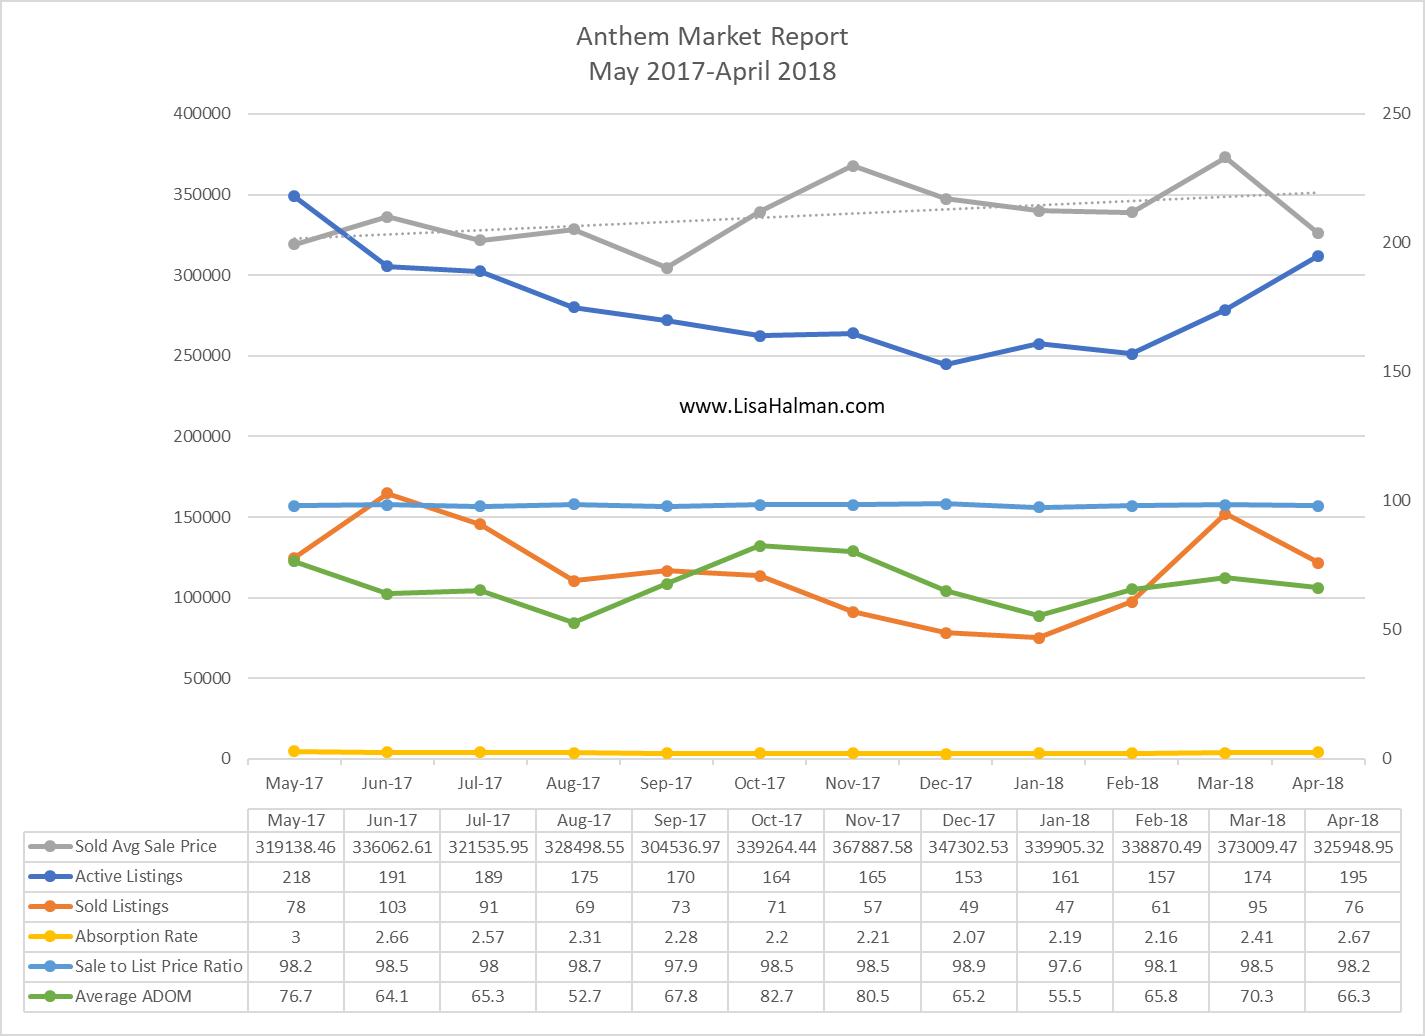 Anthem Market Update April 2018